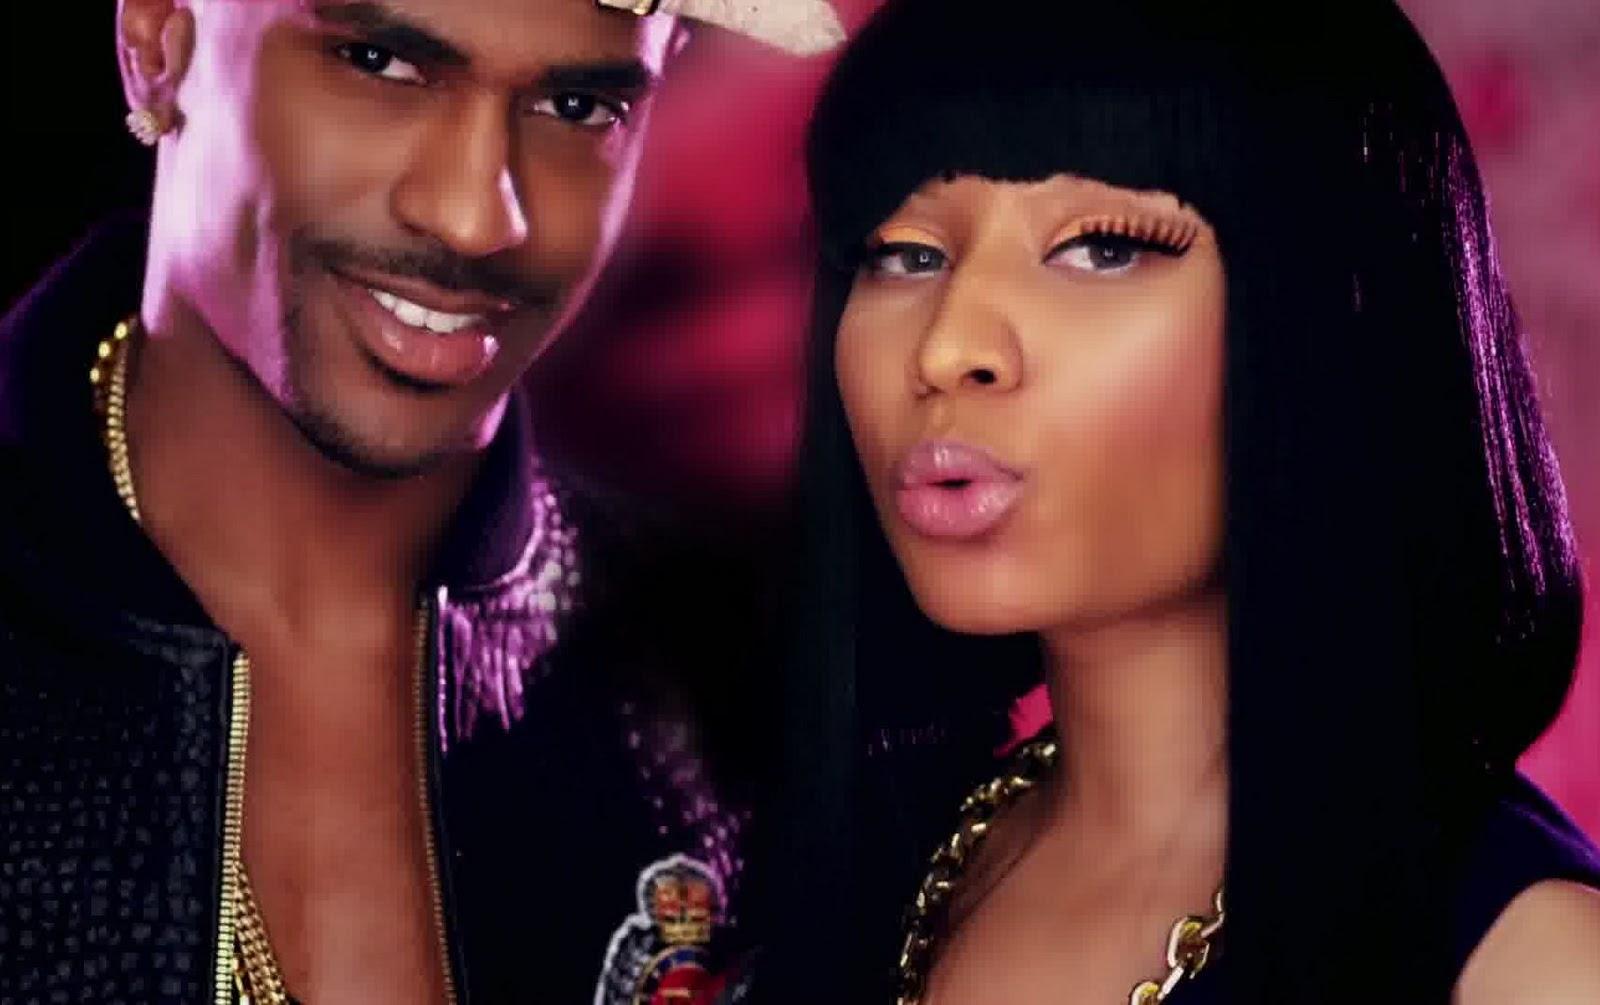 http://1.bp.blogspot.com/-Rmp5uC0n6nc/Trv2-iVwPGI/AAAAAAAADdU/JRiB_7huWOc/s1600/Nicki+Minaj+Big+Sean.jpg